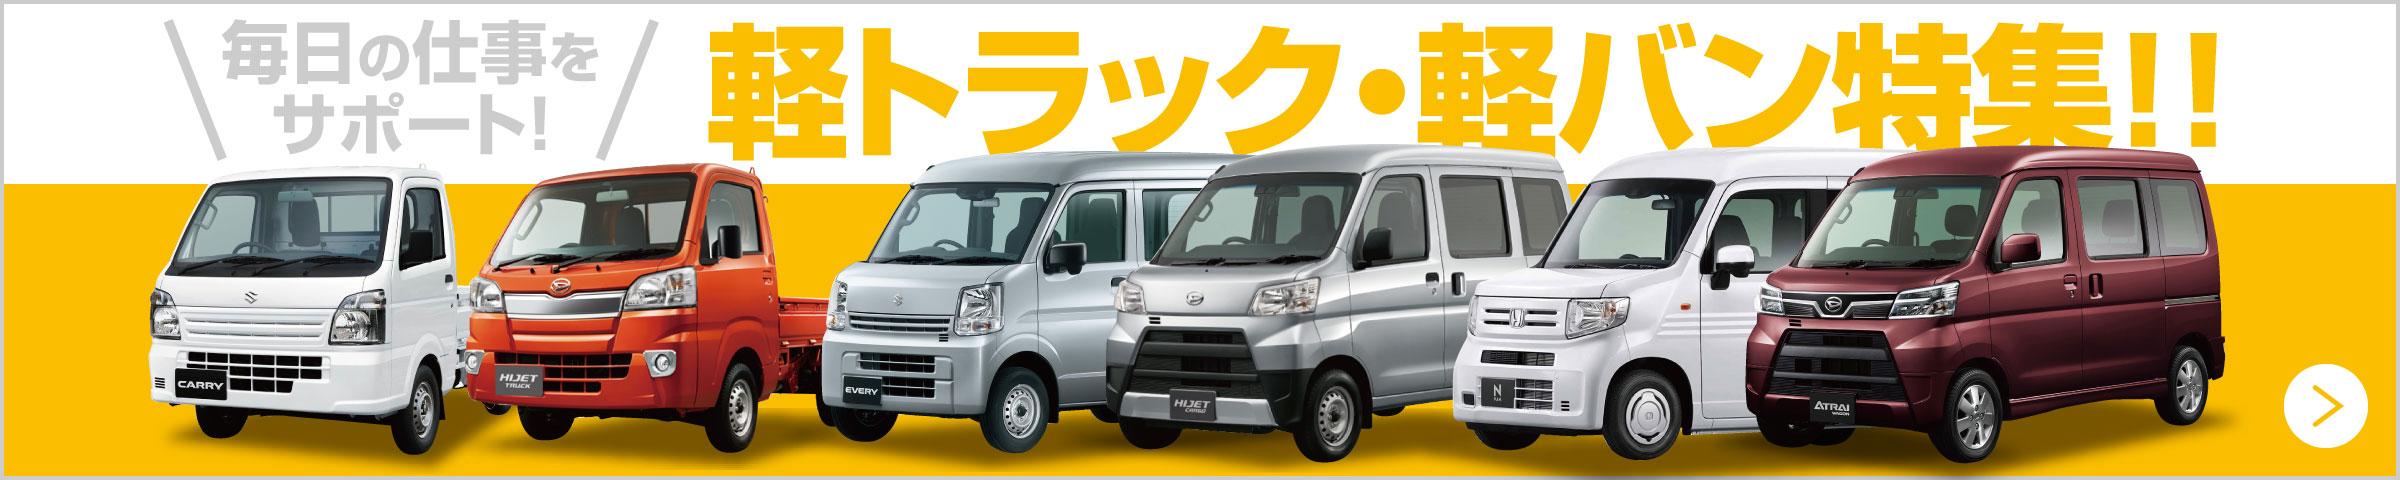 毎日の仕事をサポート!軽トラック・軽バン特集!!